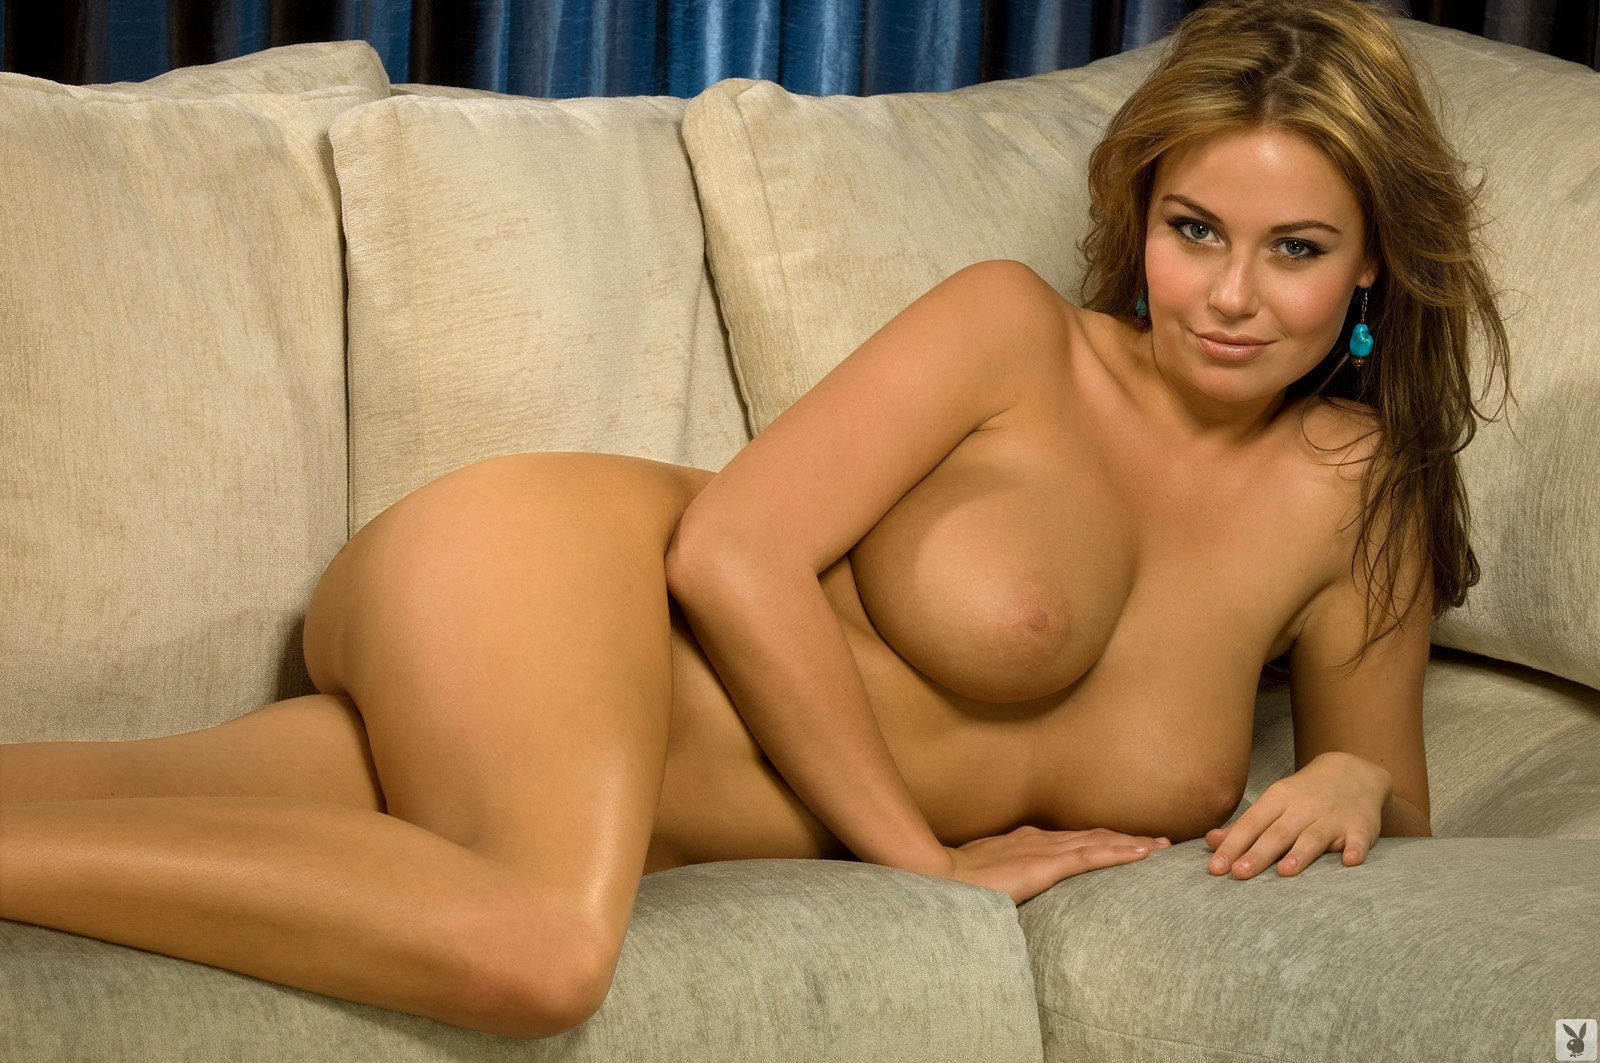 Самые красивые девушки голые в мире 14 фотография